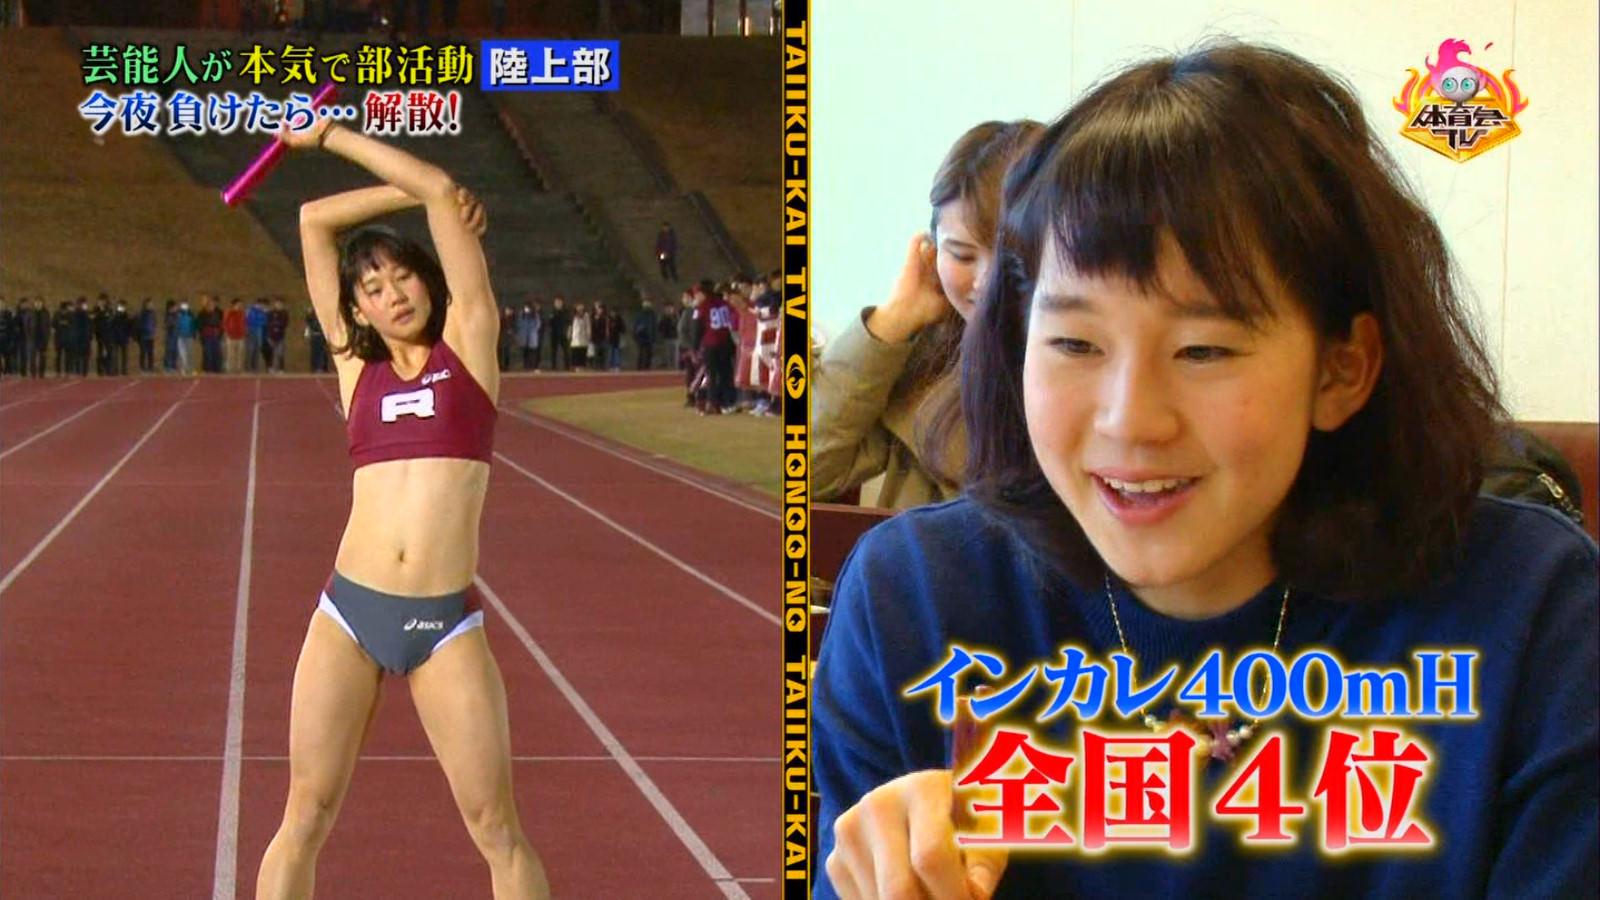 スポーツする女の子のクッソエロい画像をくださいwwwwww EeOcizv